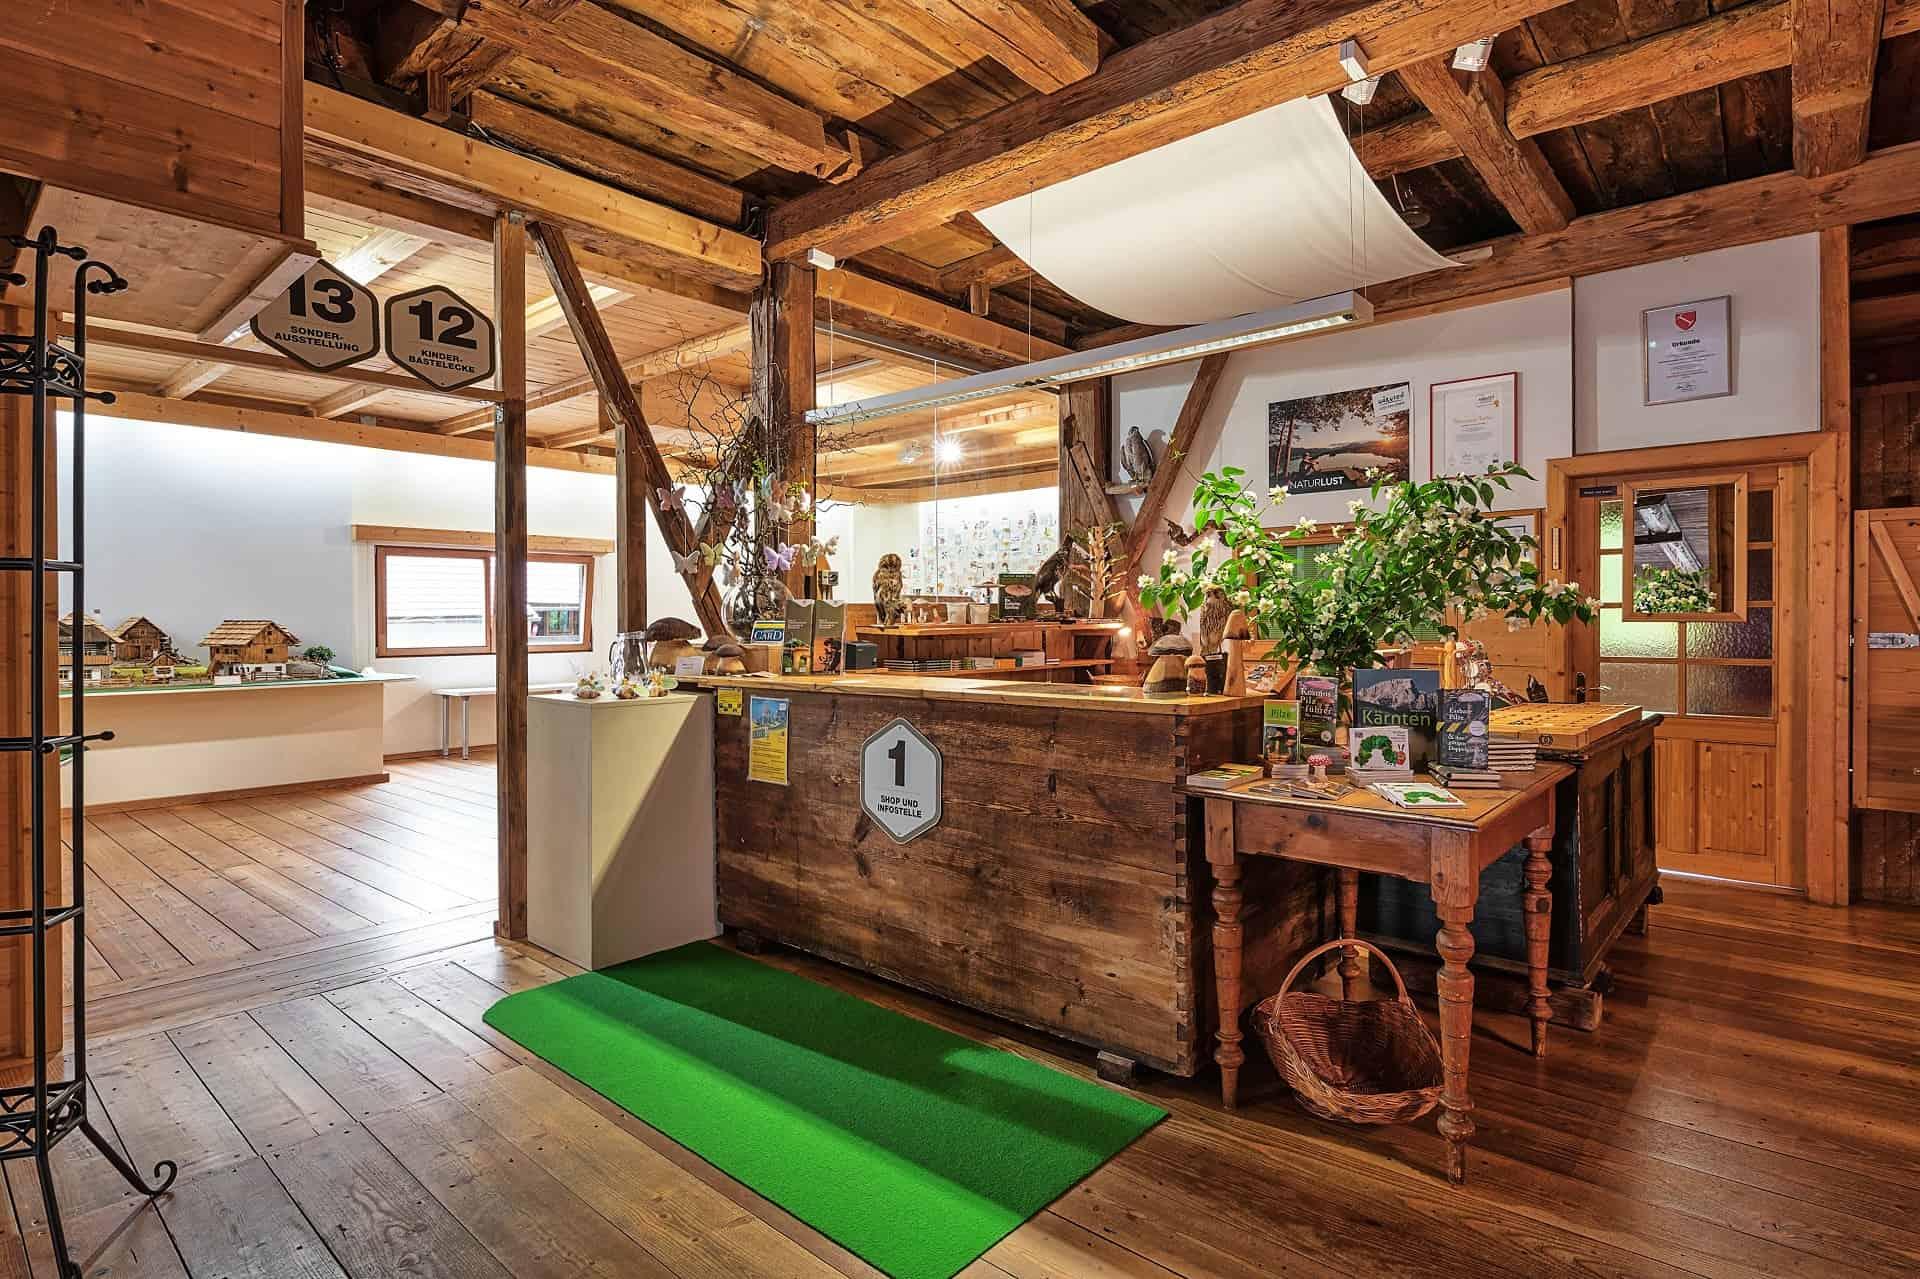 Pilzmuseum in Treffen bei Villach - Ausflugstipp für Familien in Kärnten